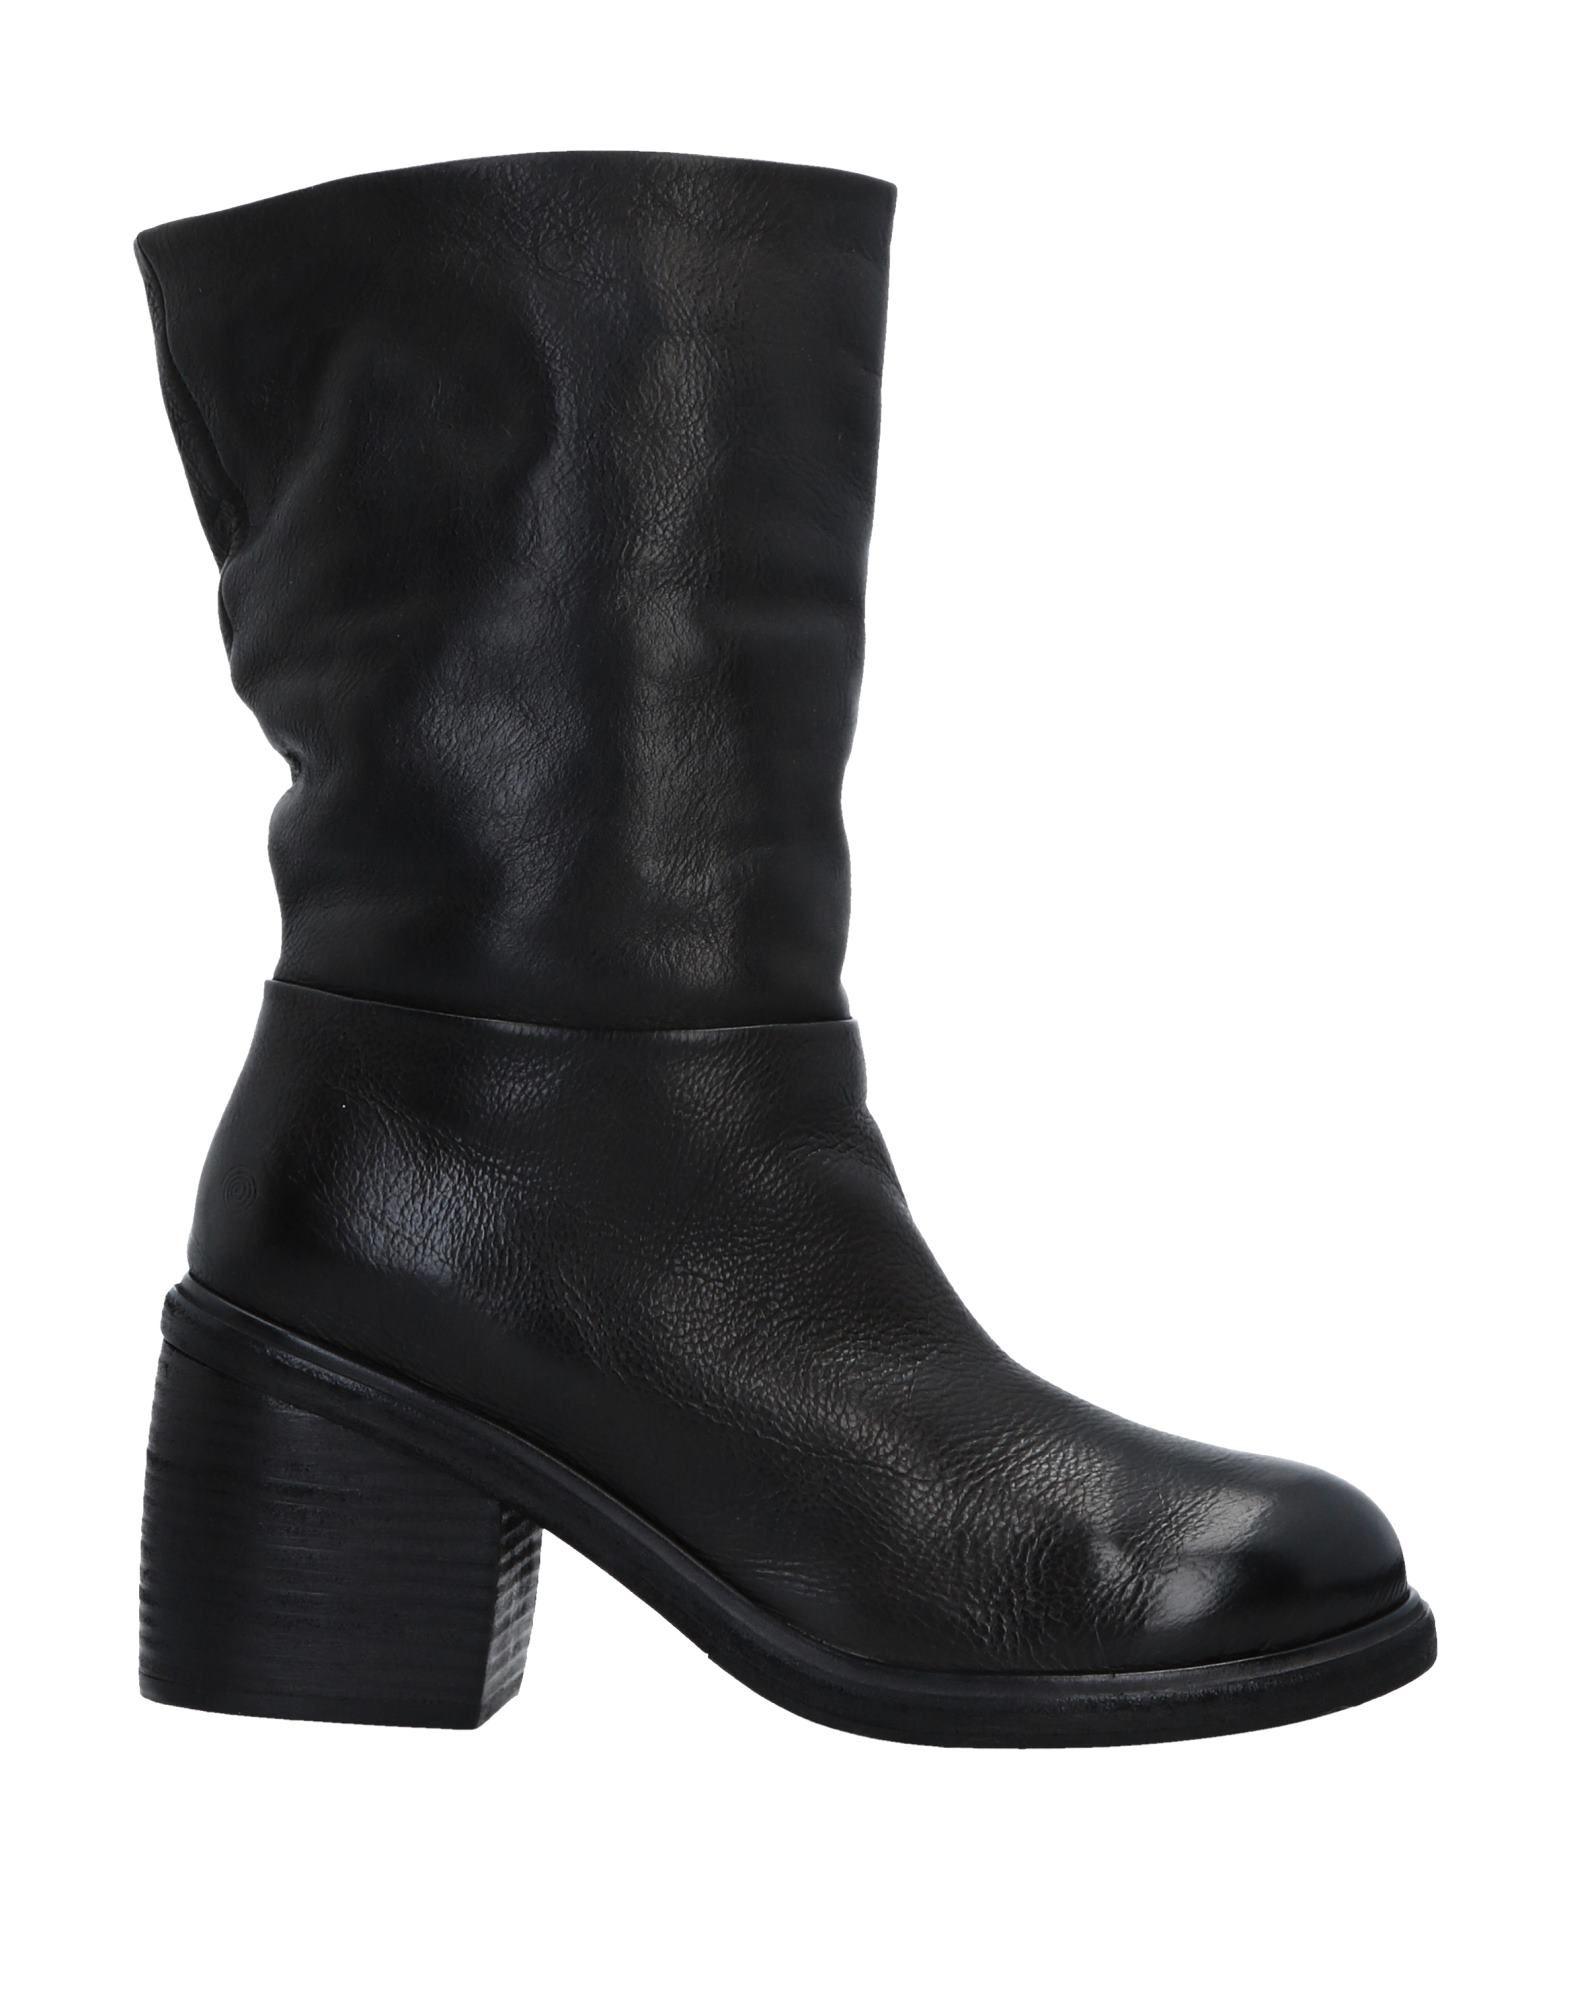 Marsèll Stiefelette Damen  11516687QNGünstige gut aussehende Schuhe